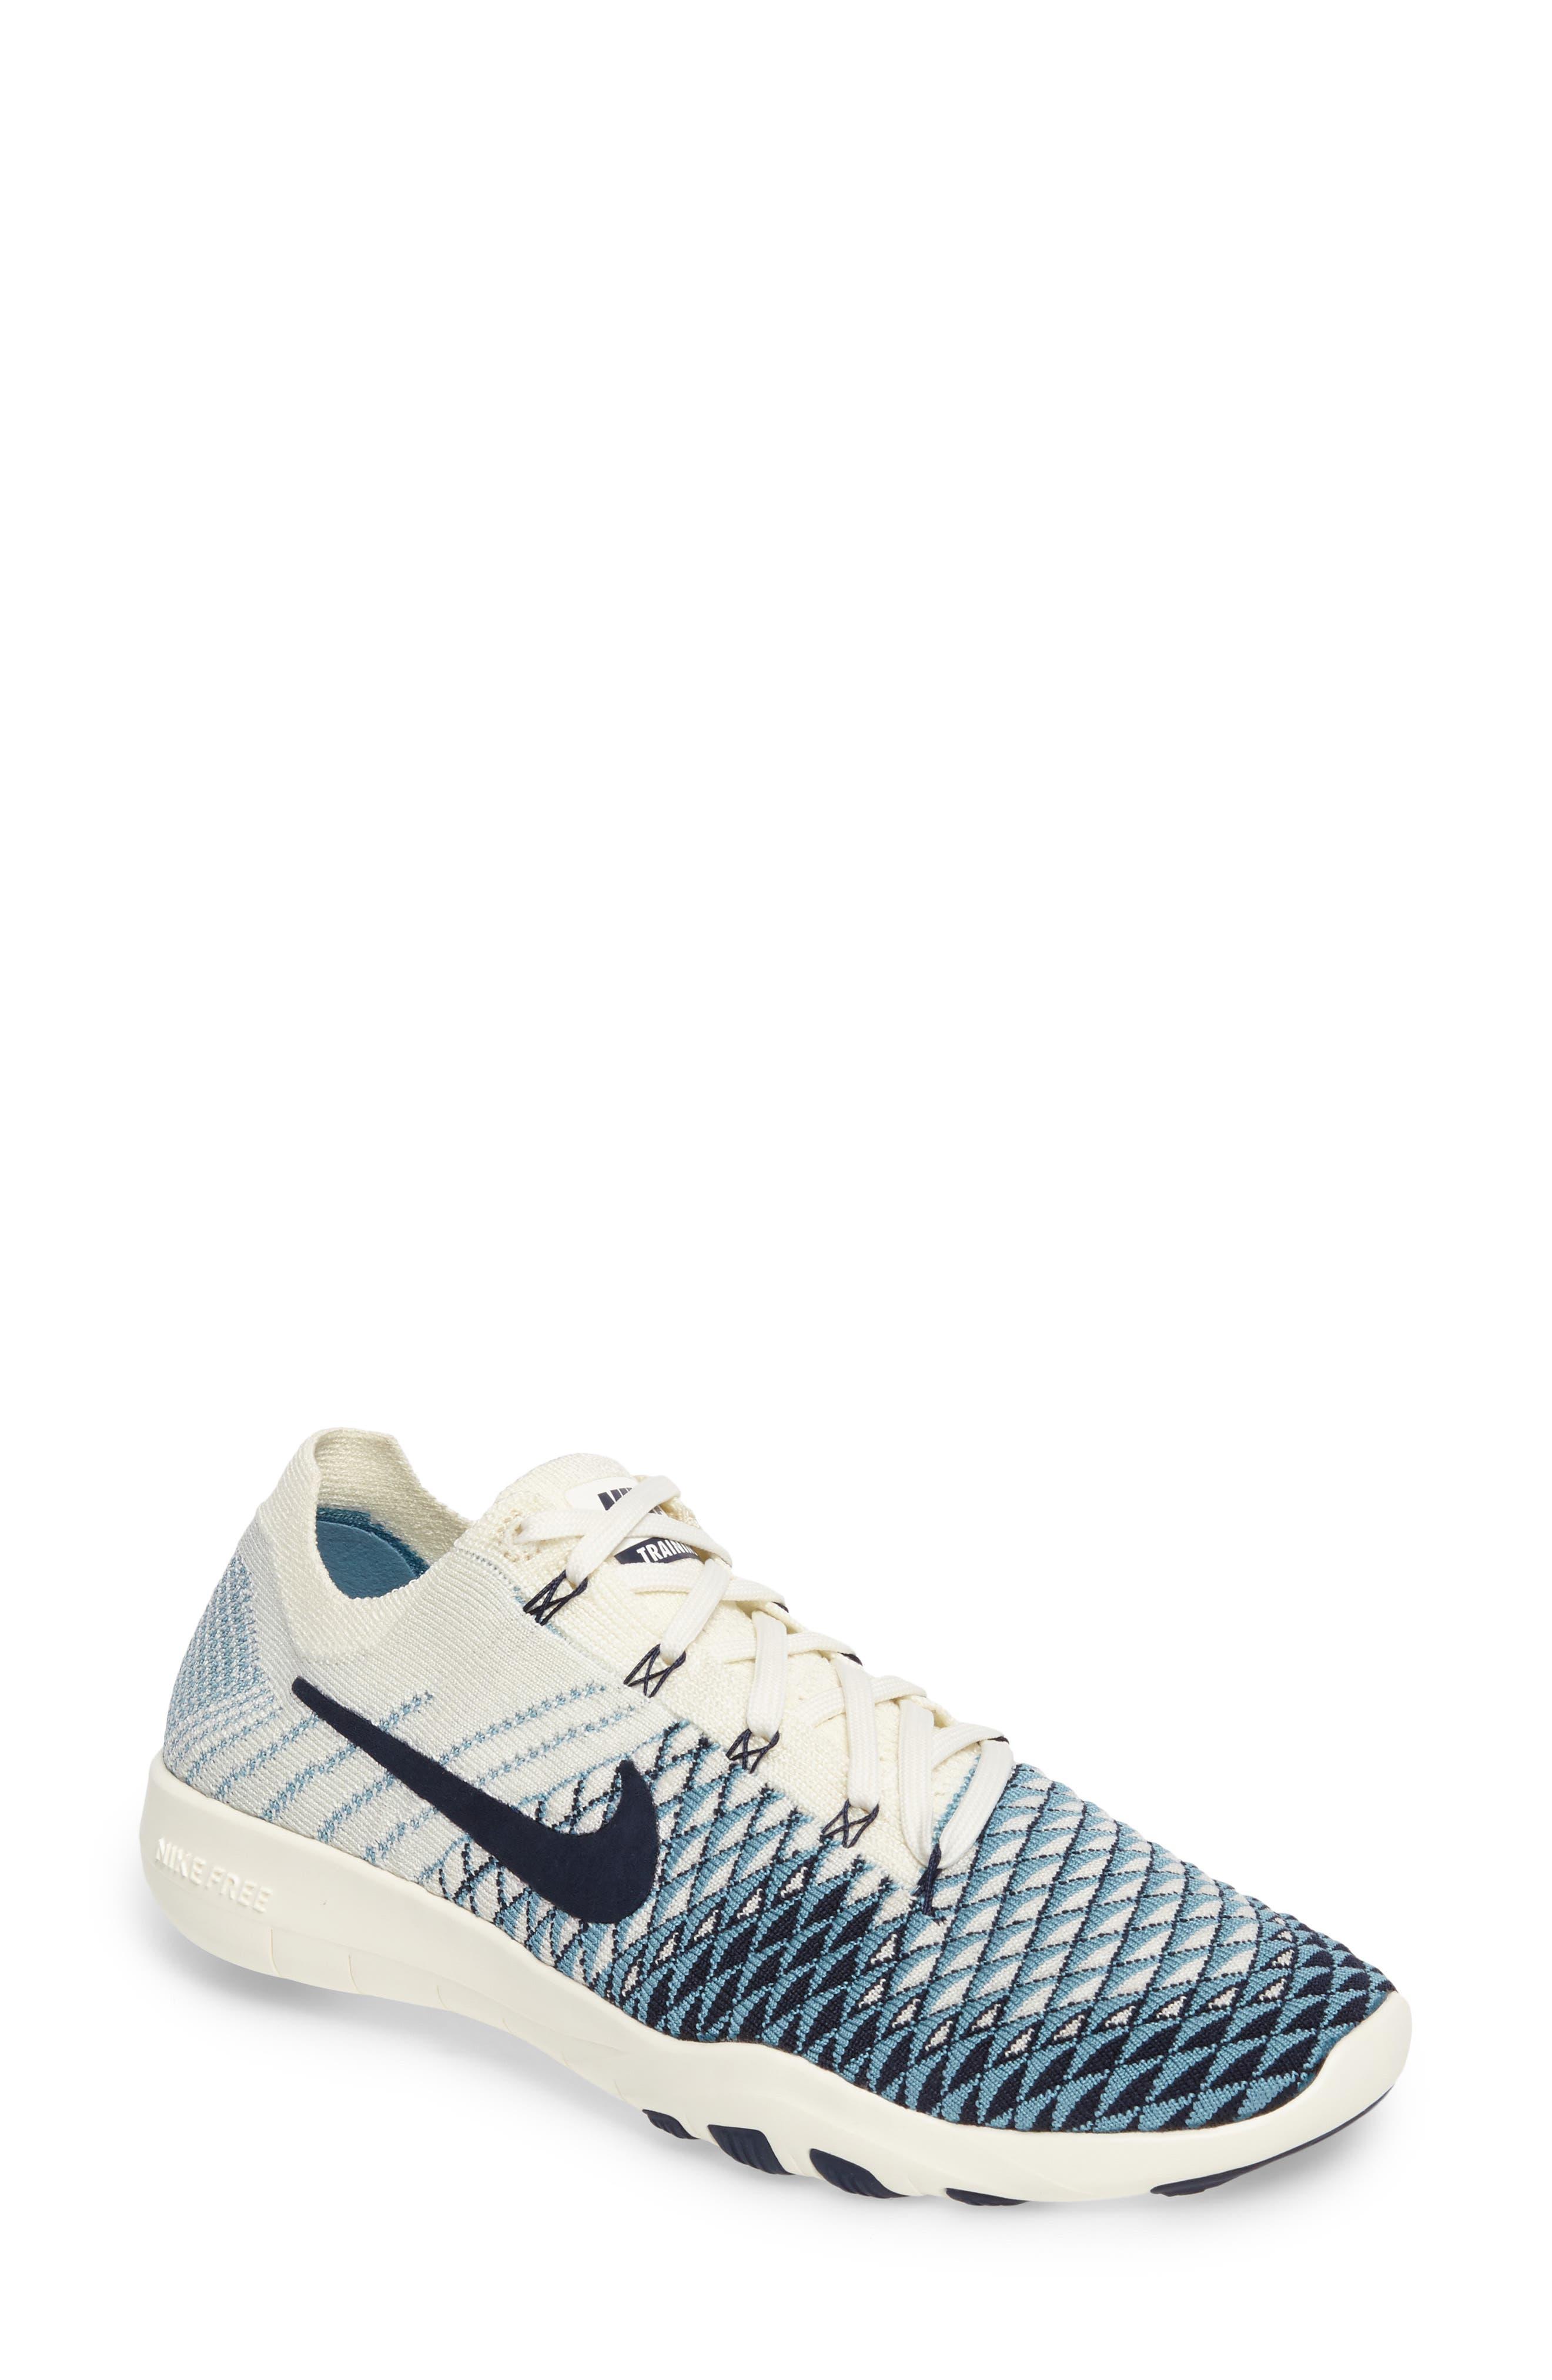 Nike Free Tr 2018 Ford